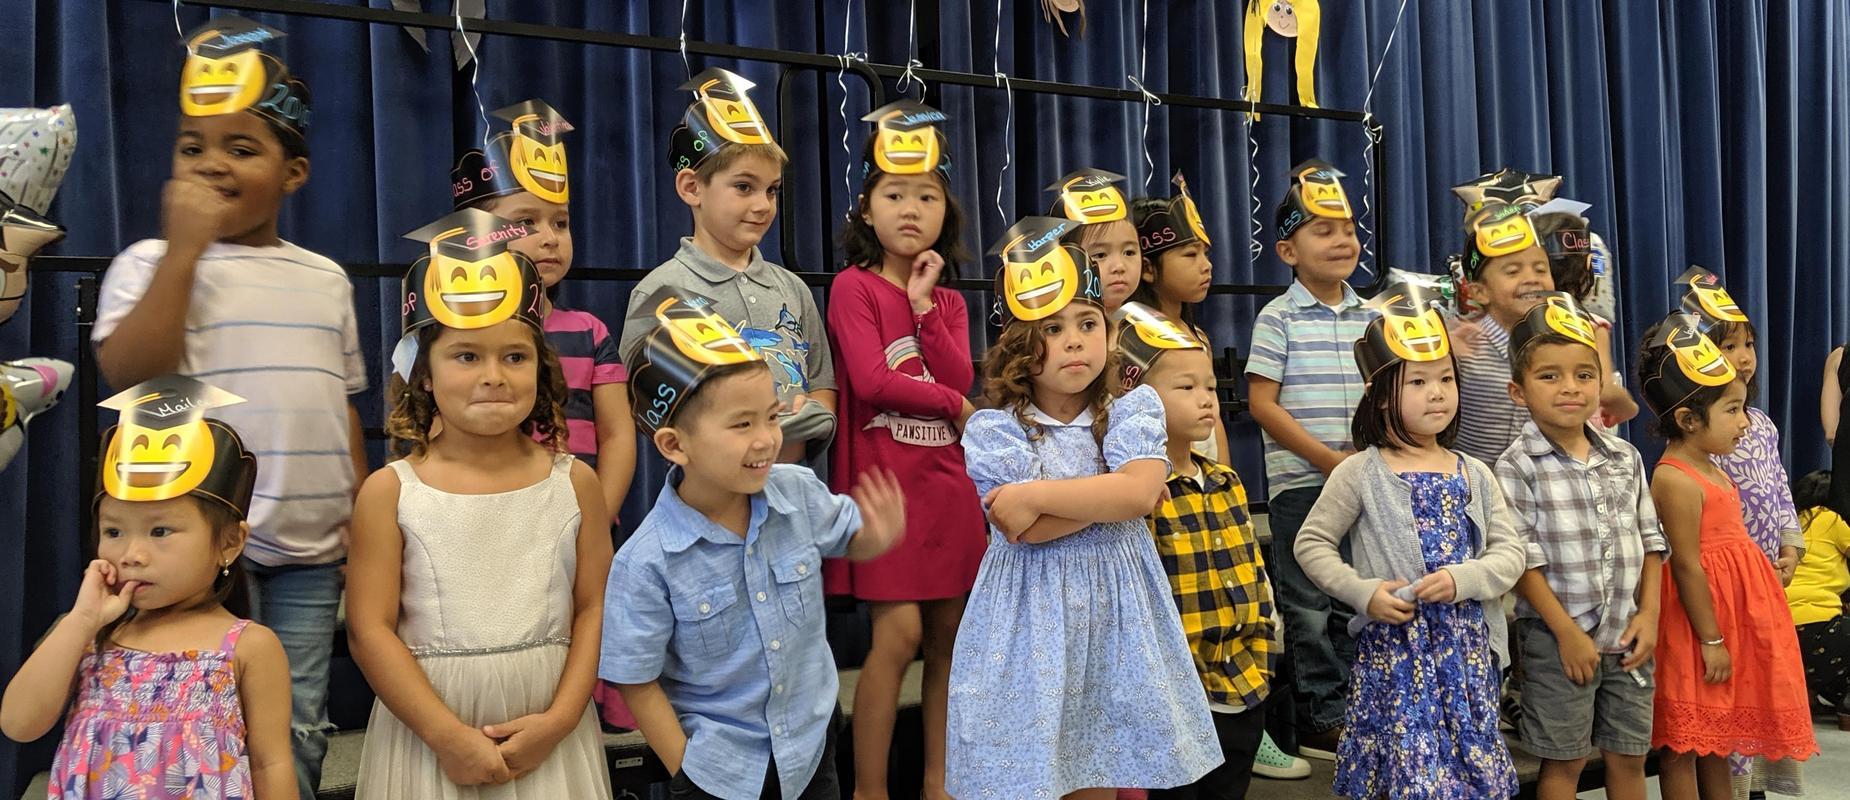 Preschoolers at graduation